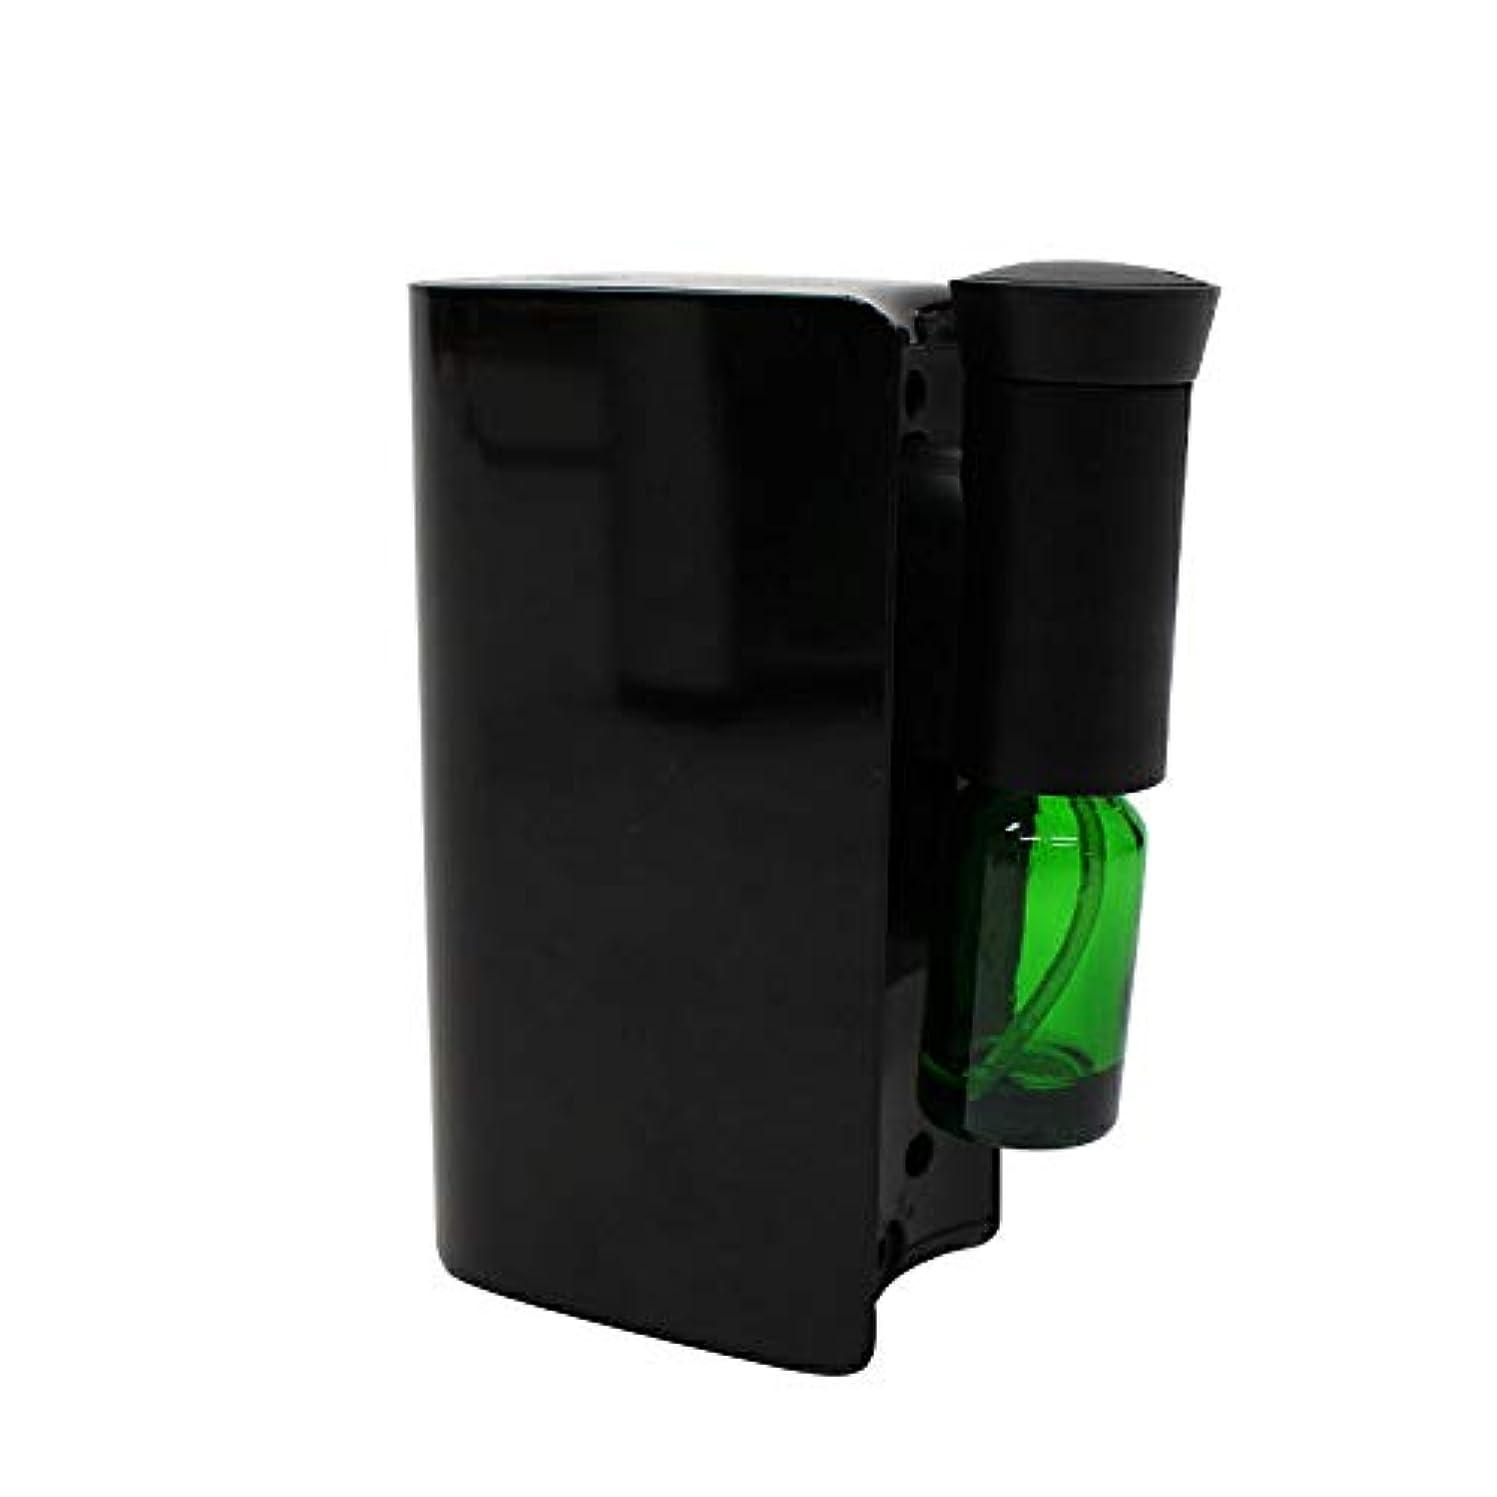 霊アイザック迷惑電池式アロマディフューザー 水を使わない ネブライザー式 アロマ ディフューザー アロマオイル対応 自動停止 ECOモード搭載 コンパクト 香り 癒し シンプル ブラック